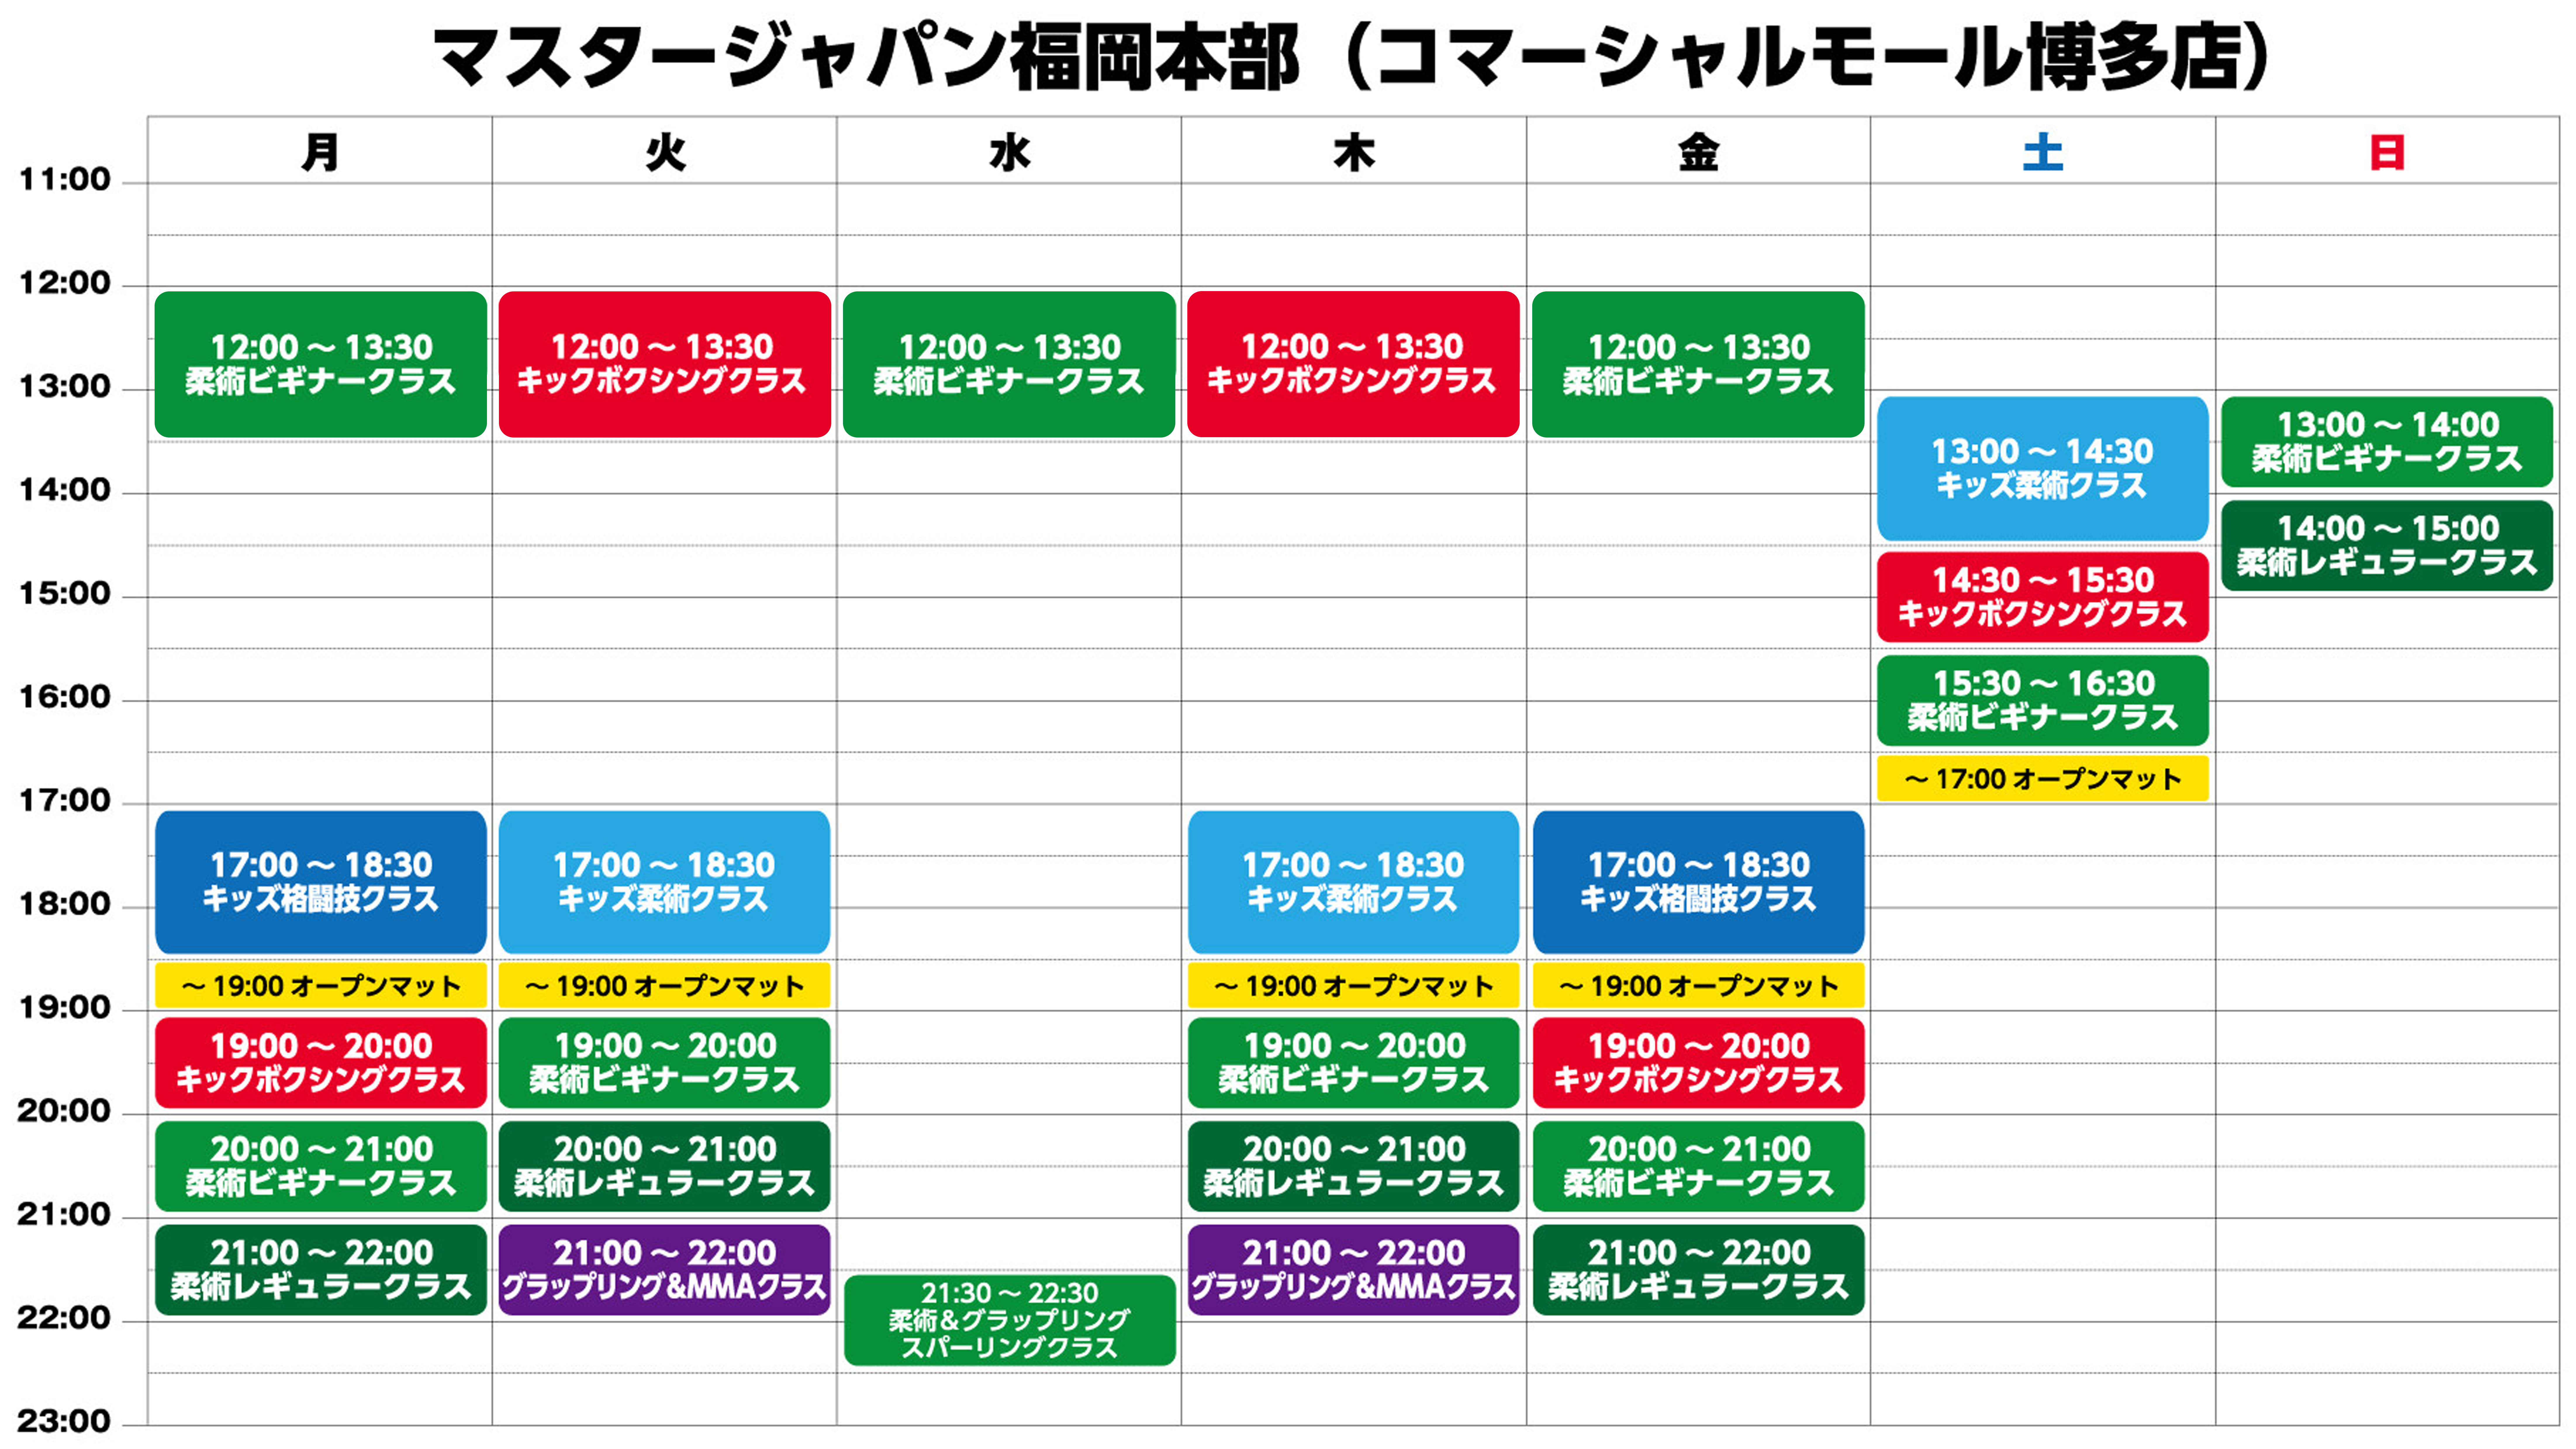 マスタージャパン福岡本部mスケジュール表